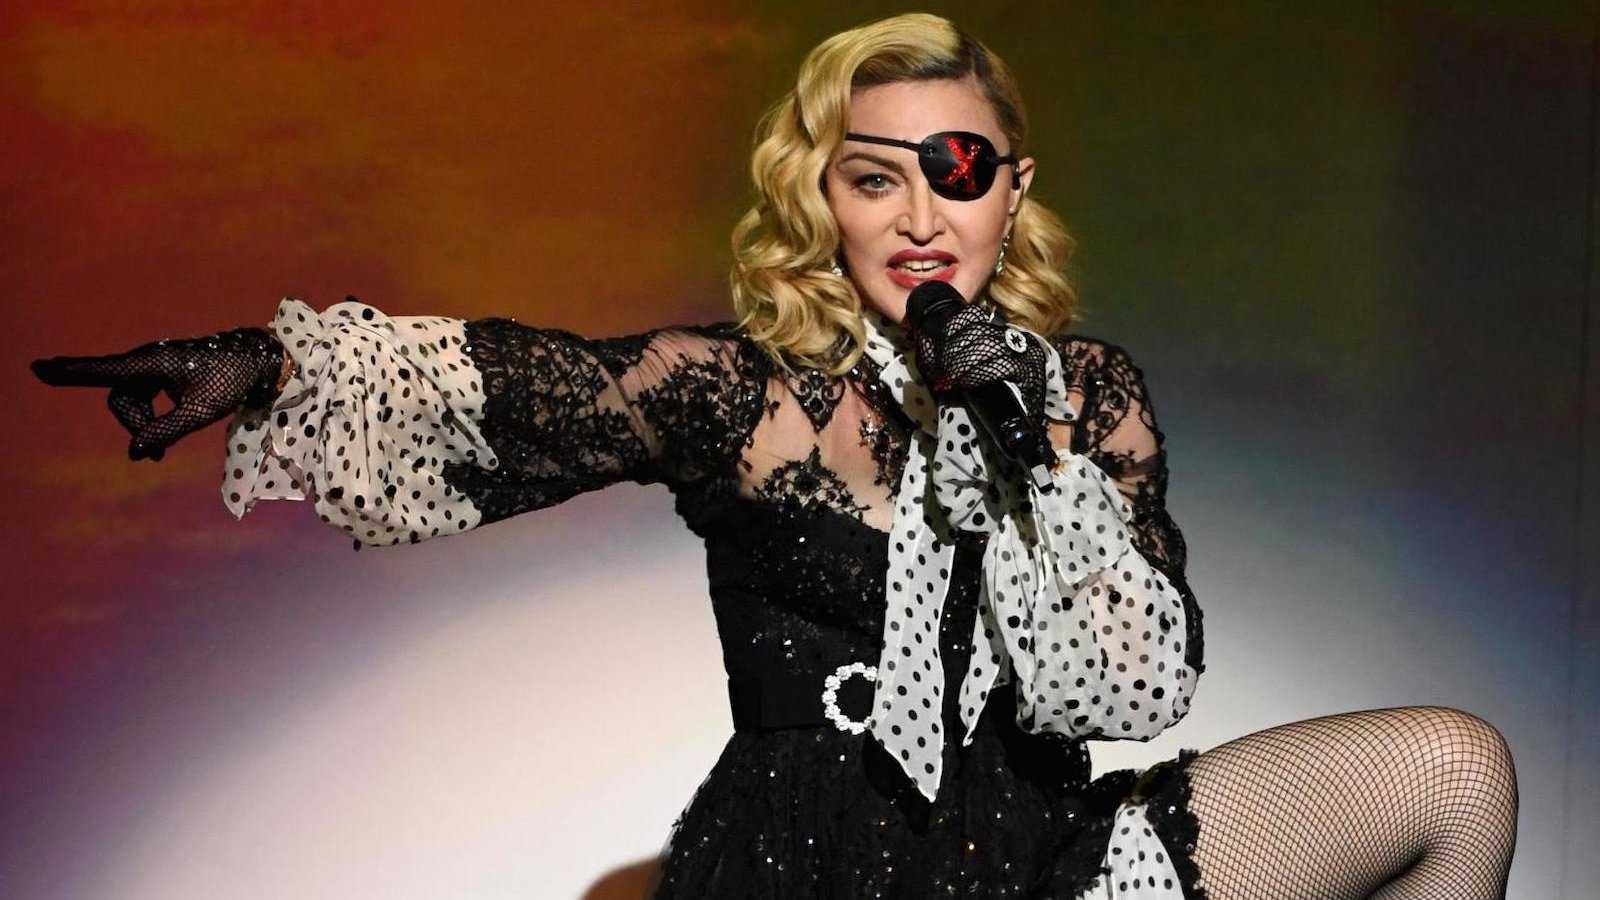 Madonna é um ícone não apenas por sua moda e música ferozes, mas também por seu trabalho de promoção dos direitos gays